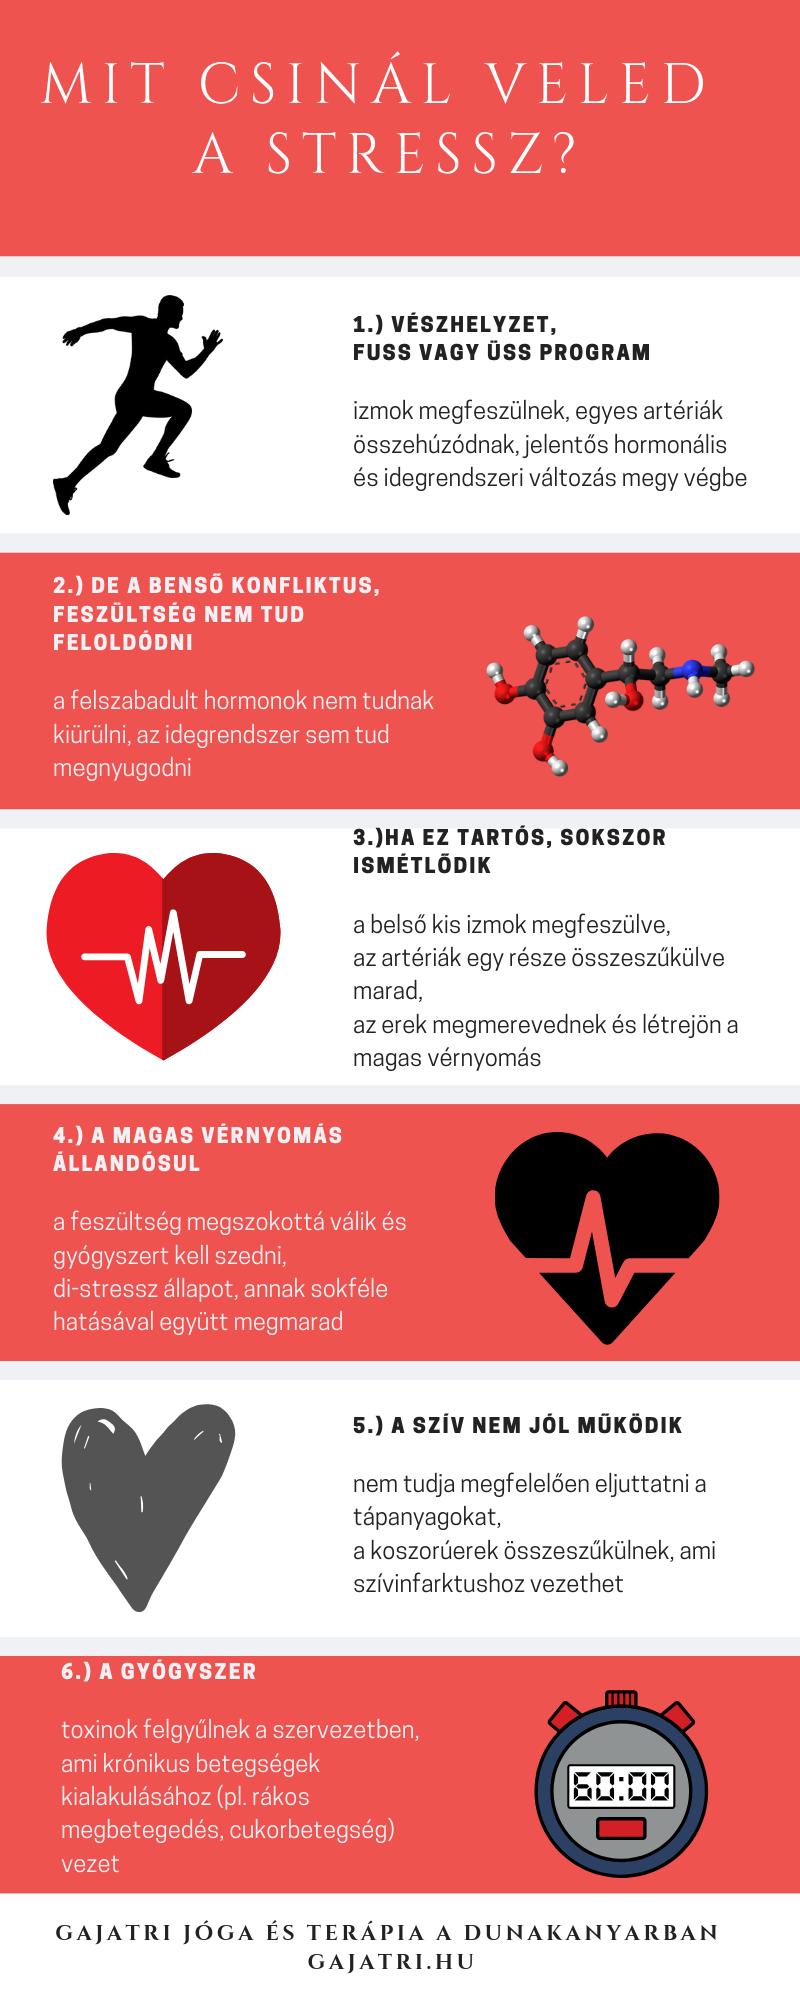 aladin magas vérnyomás esetén magas vérnyomás nyugtatókkal